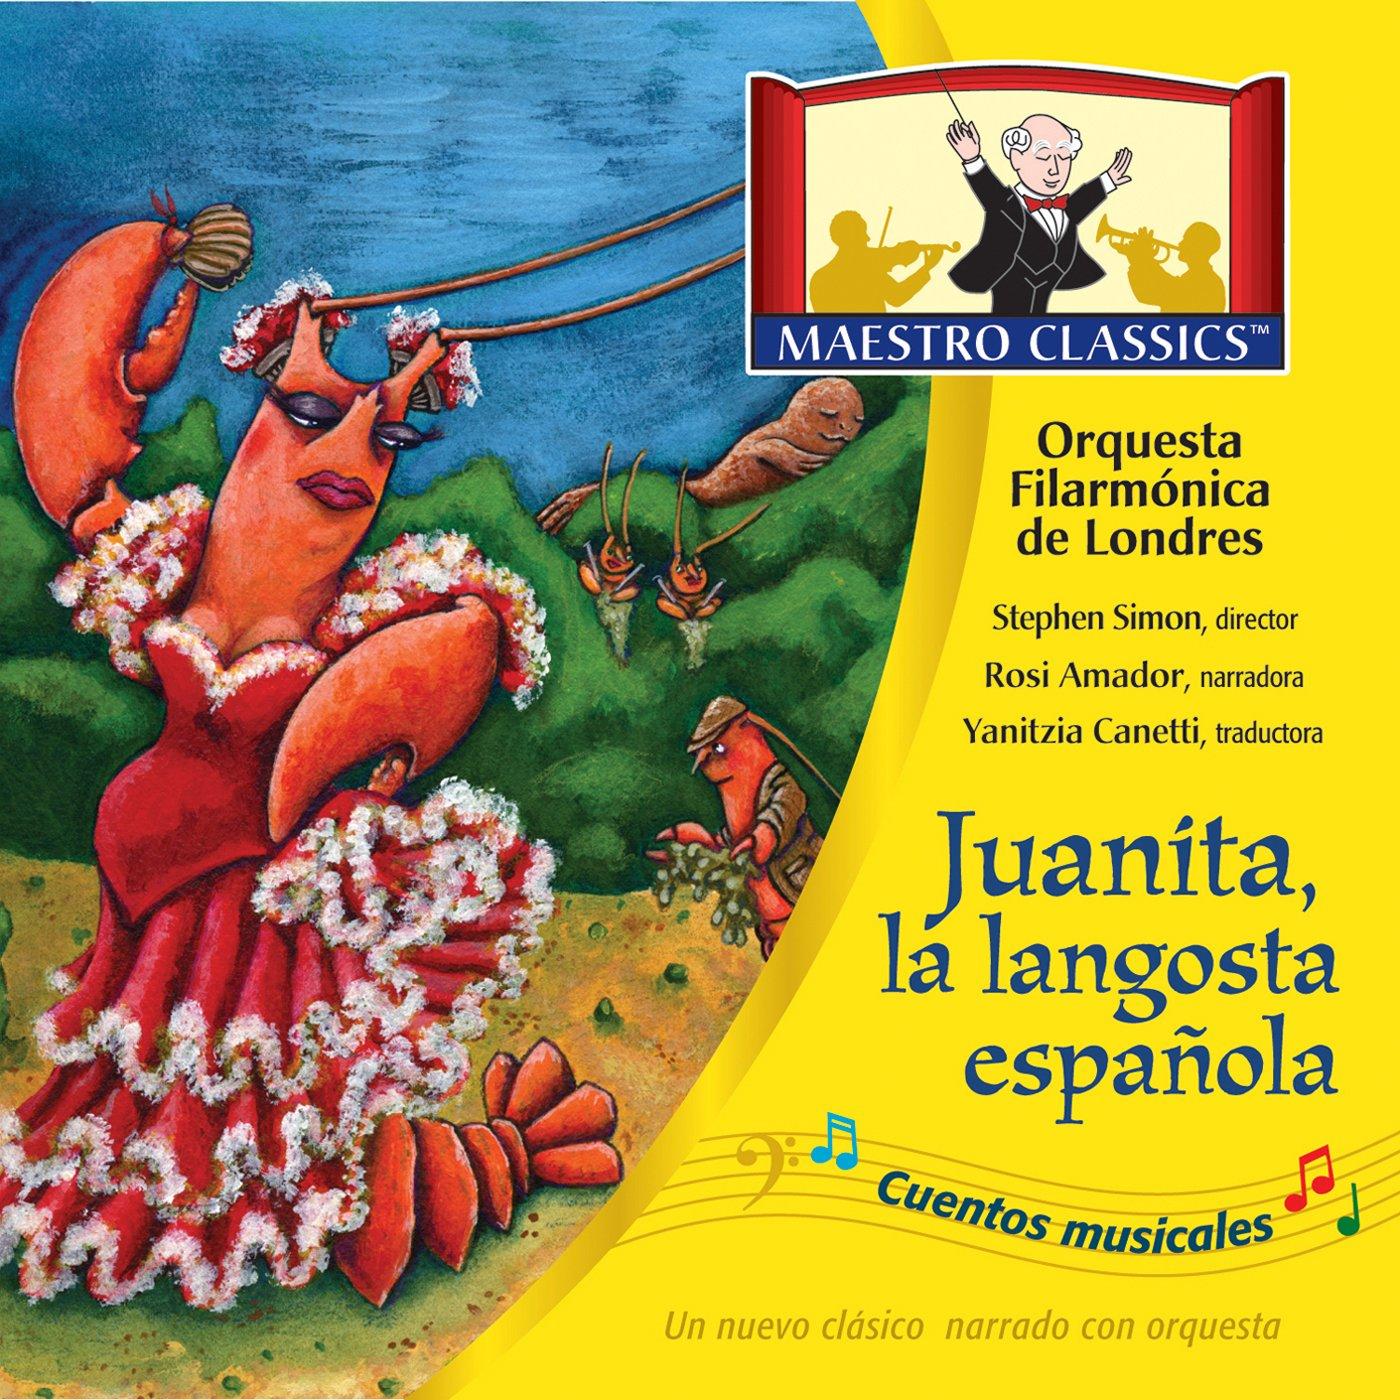 Juanita, la langosta espanola